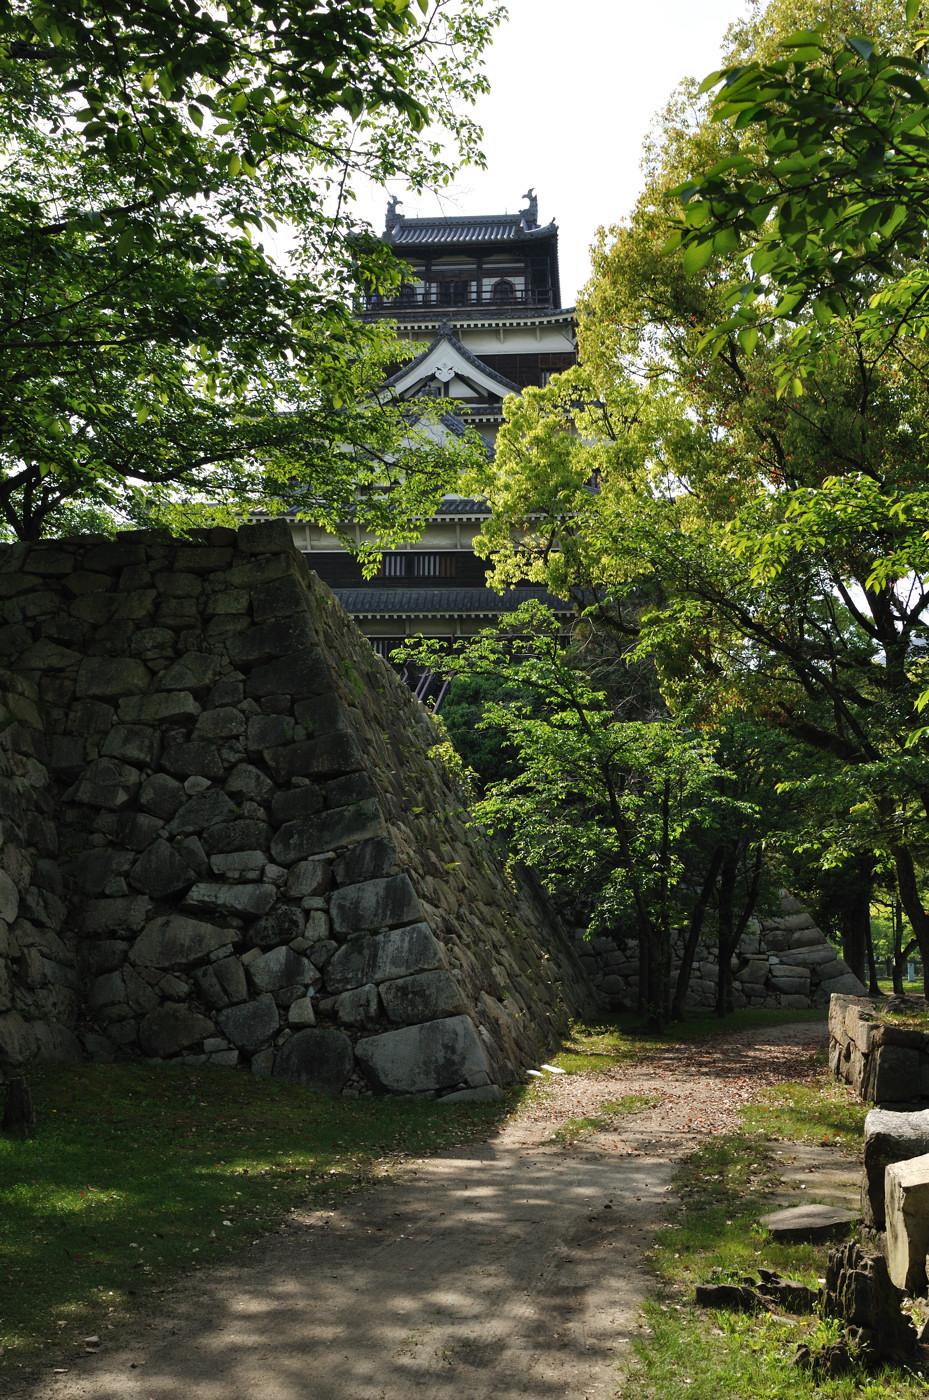 新緑と石垣その3